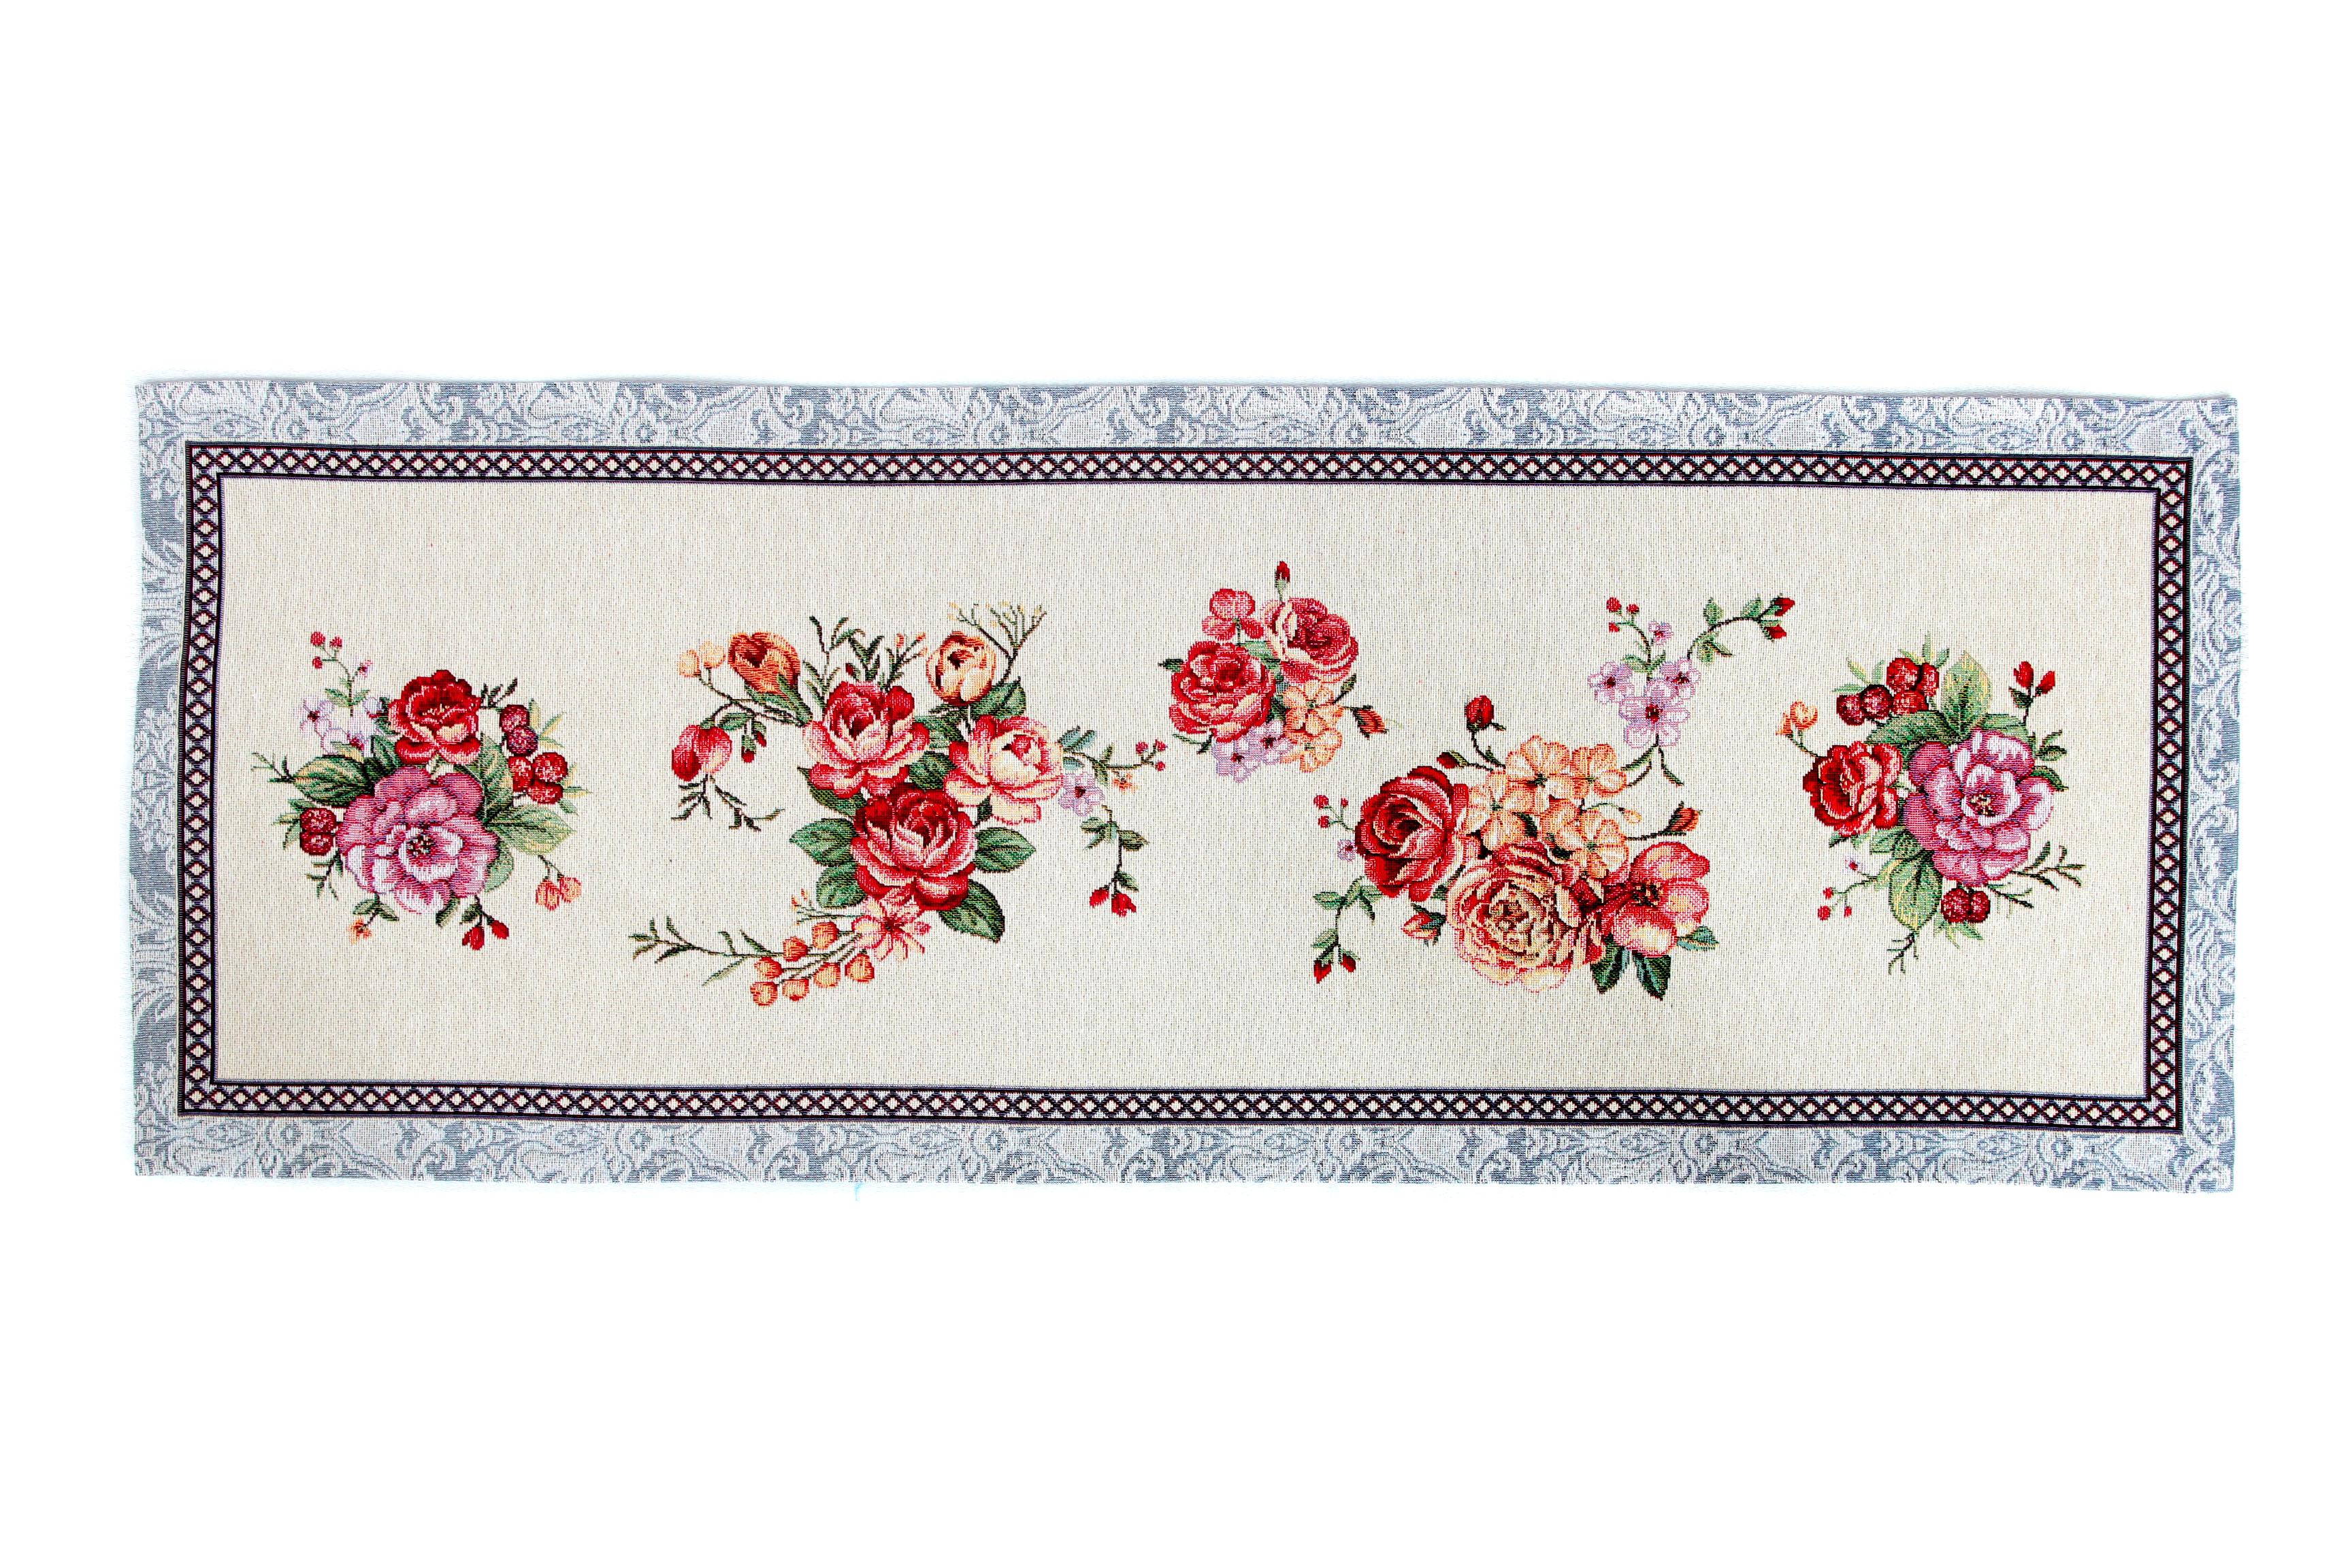 цена на Салфетка столовая Магазин гобеленов цветы, Гобелен